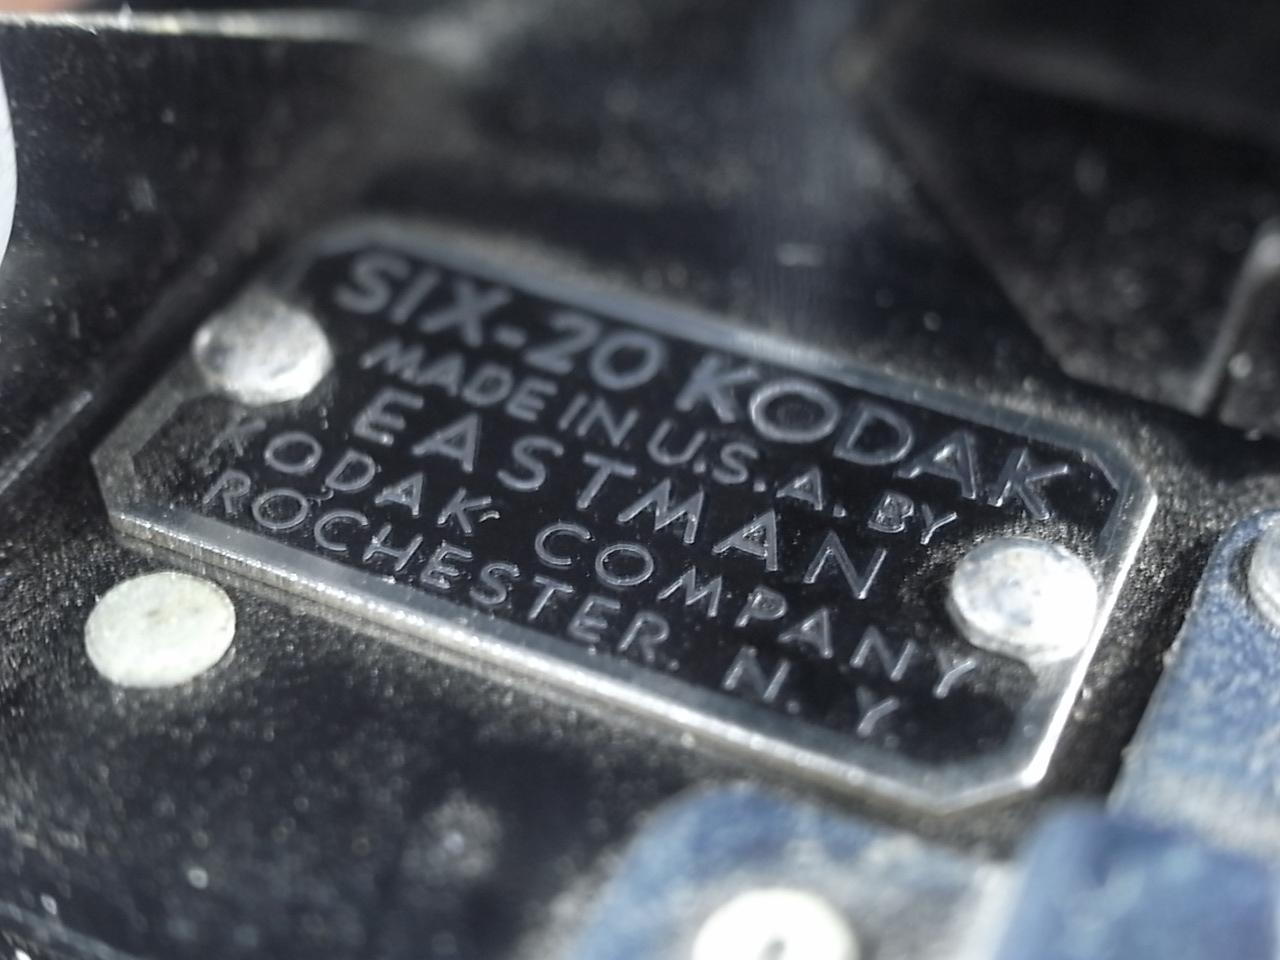 コダック アールデコ 蛇腹カメラ SIX-20 ブラックの写真4枚目